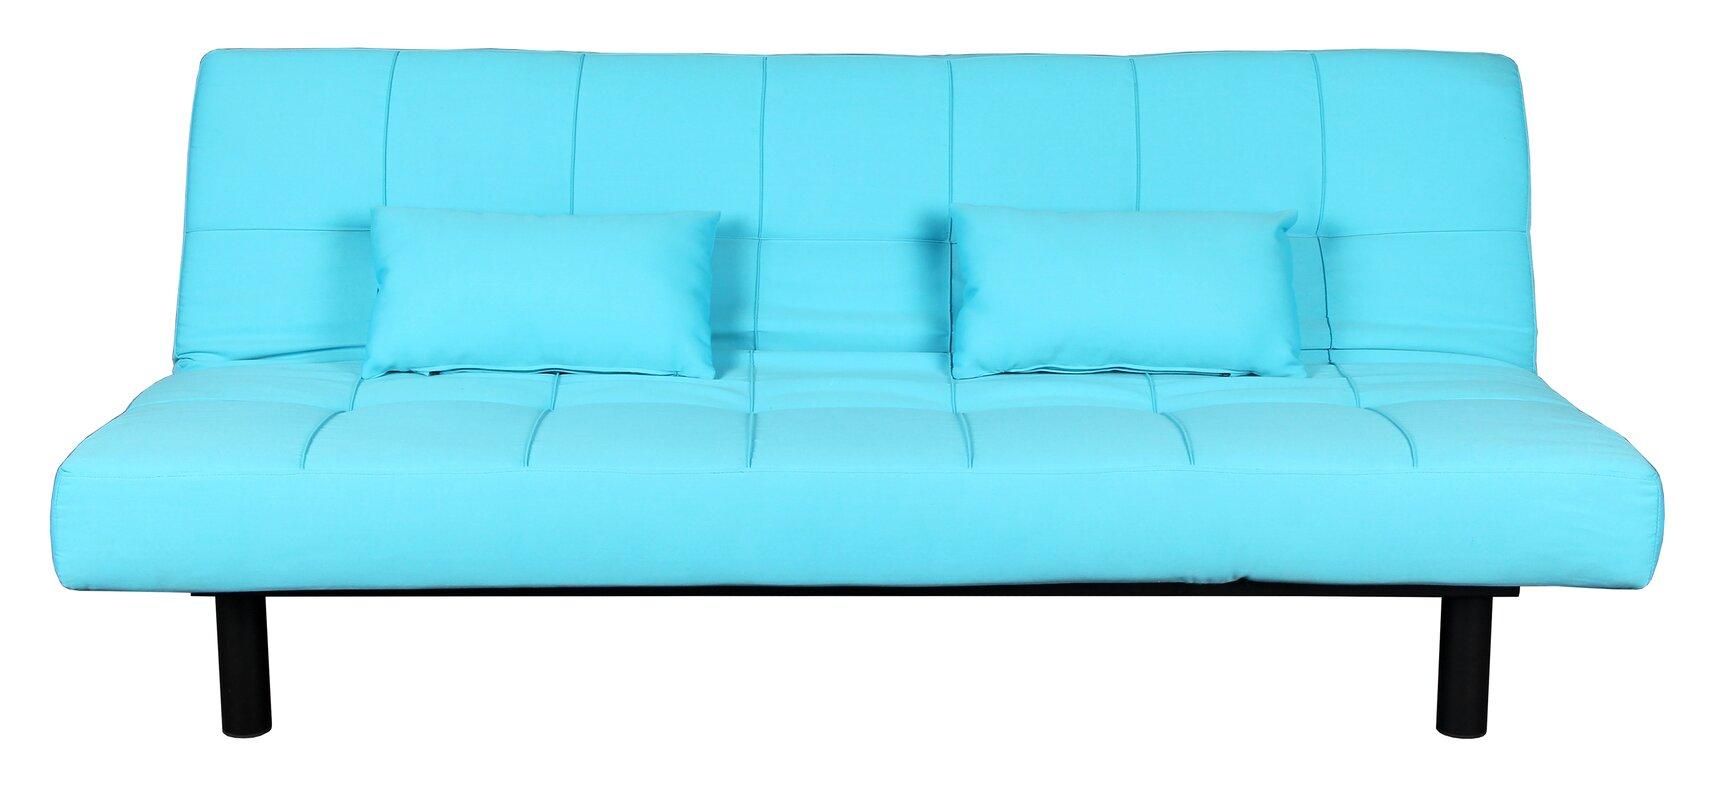 Lovely Contemporary Outdoor Sea Foam Convertible Sofa